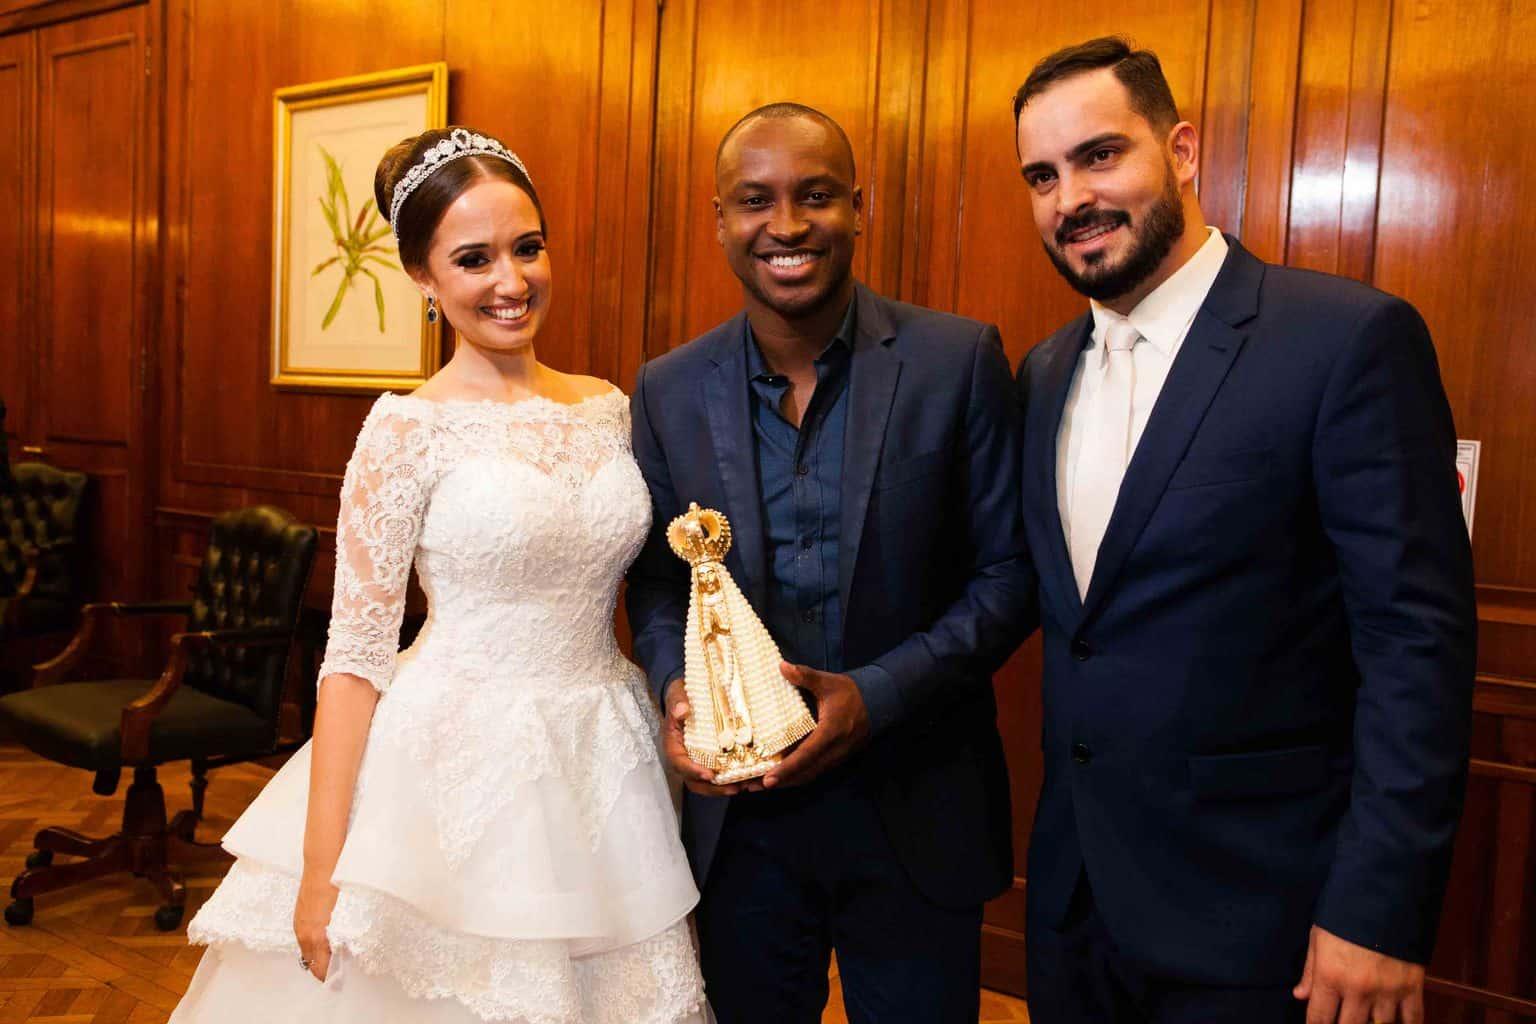 Casamento-Clássico-Casamento-tradicional-Copacabana-Palace-Monica-Roias-Ribas-Foto-e-Vídeo-Thiaguinho-Tuanny-e-Bernardo-CaseMe